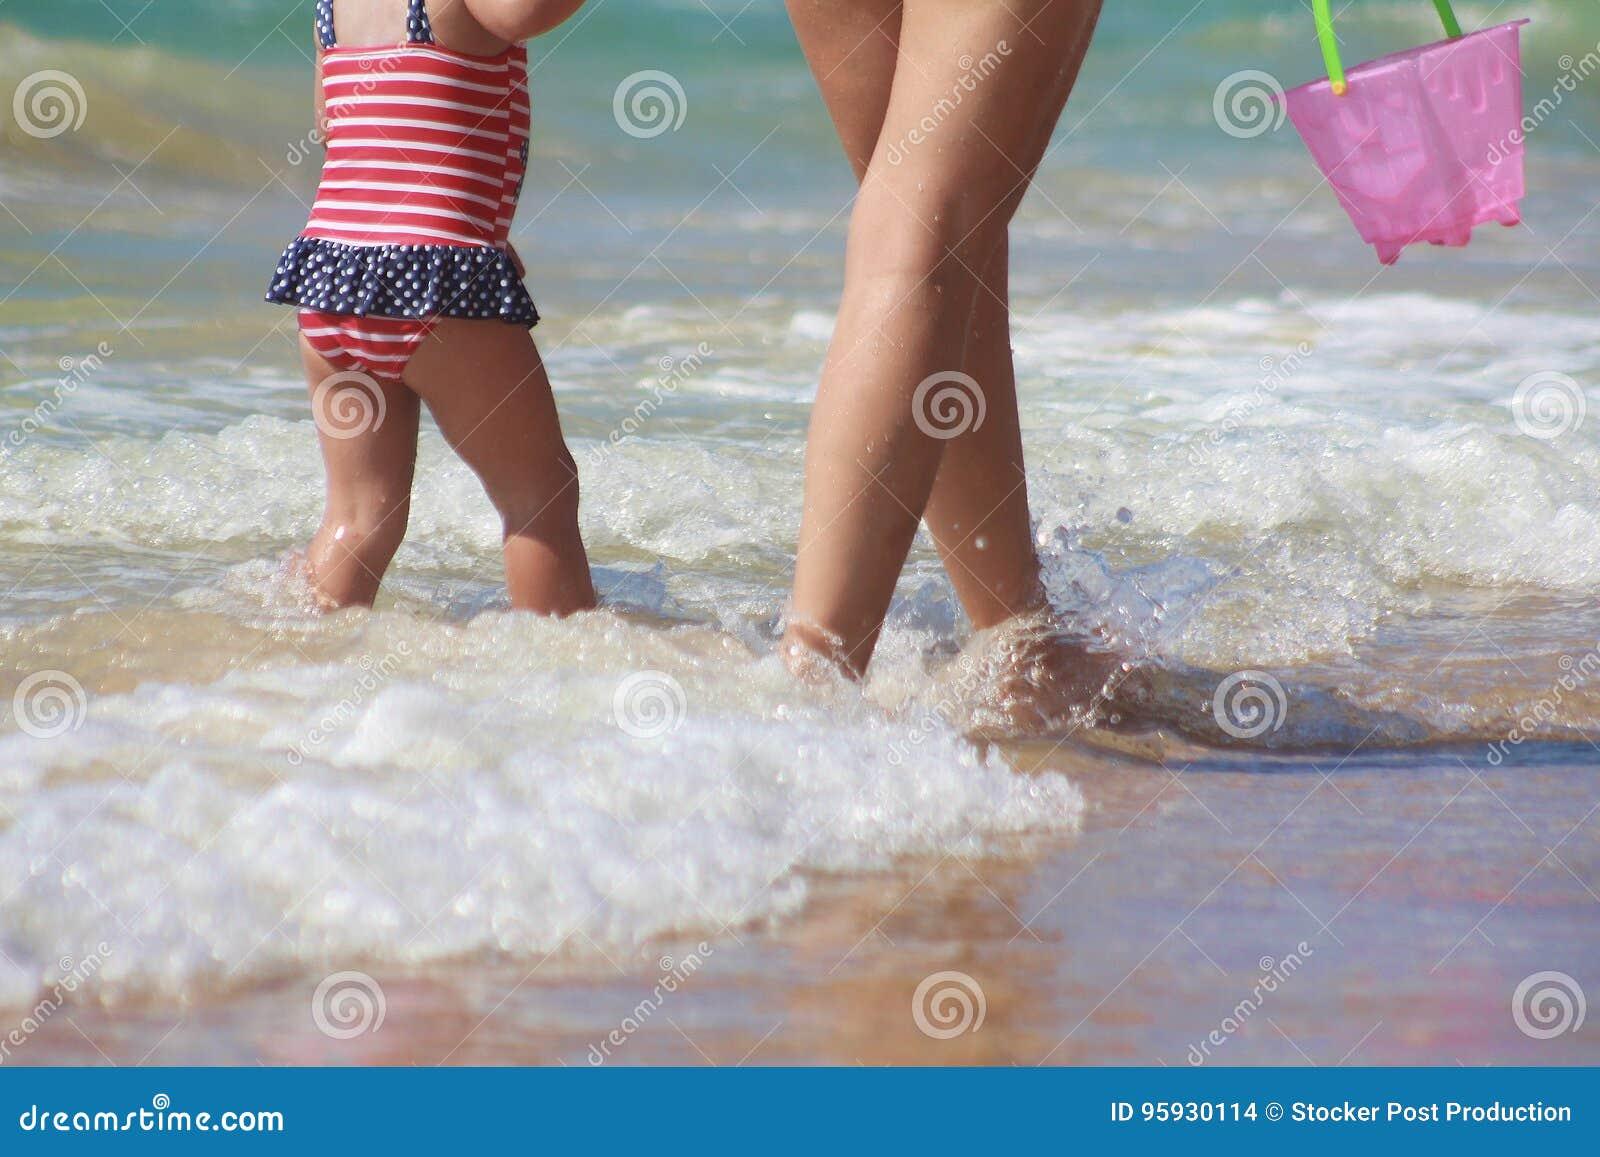 Sunny Summer Day op de Kust van de Middellandse Zee